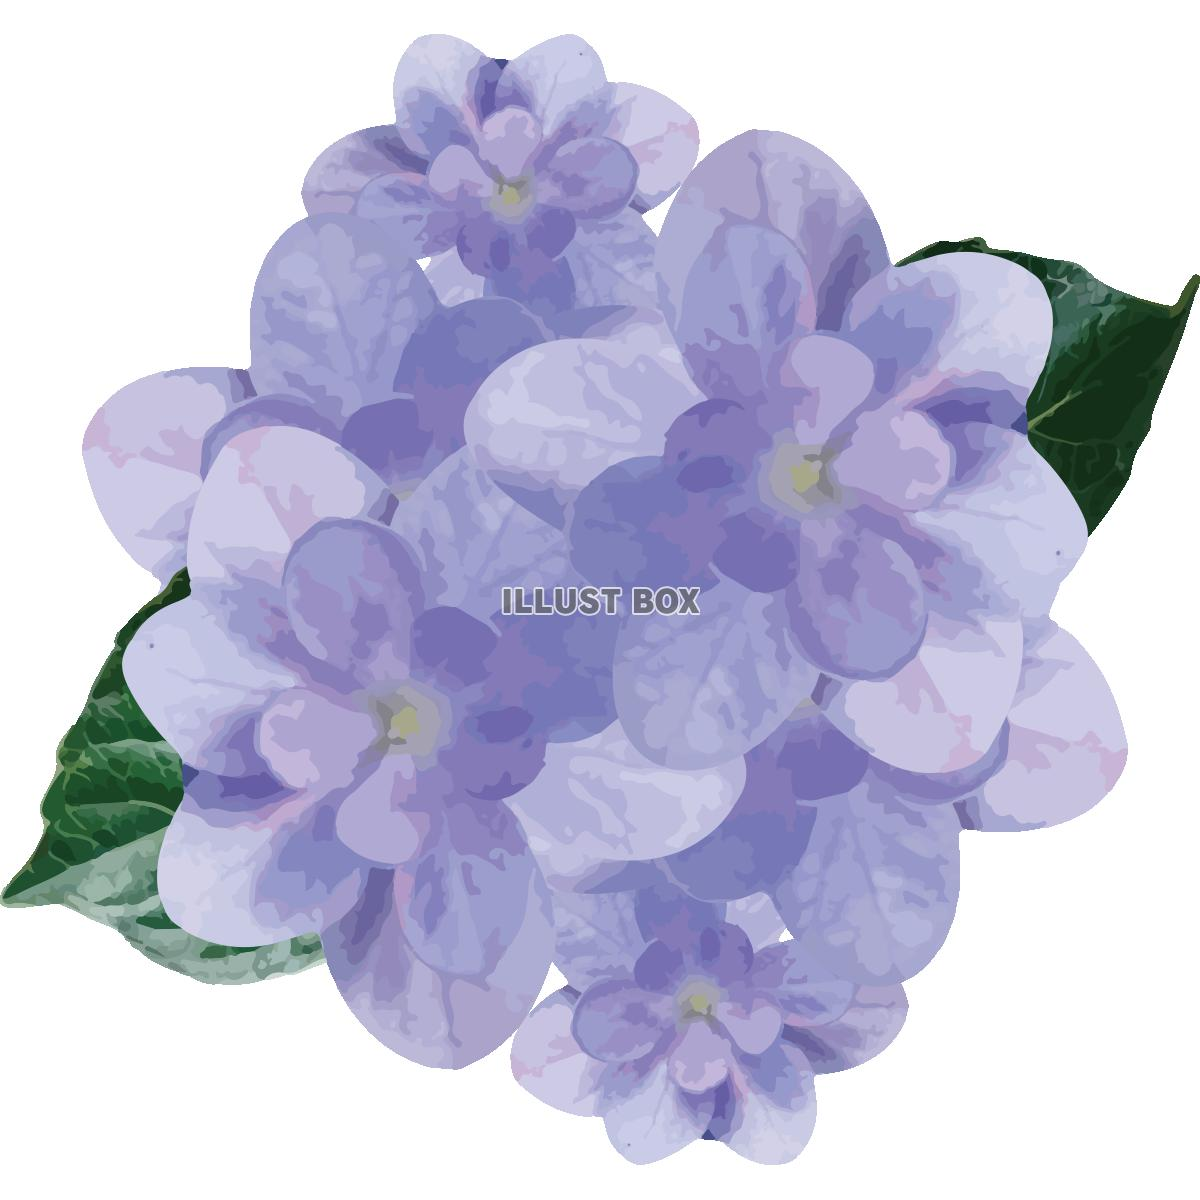 無料イラスト 紫陽花